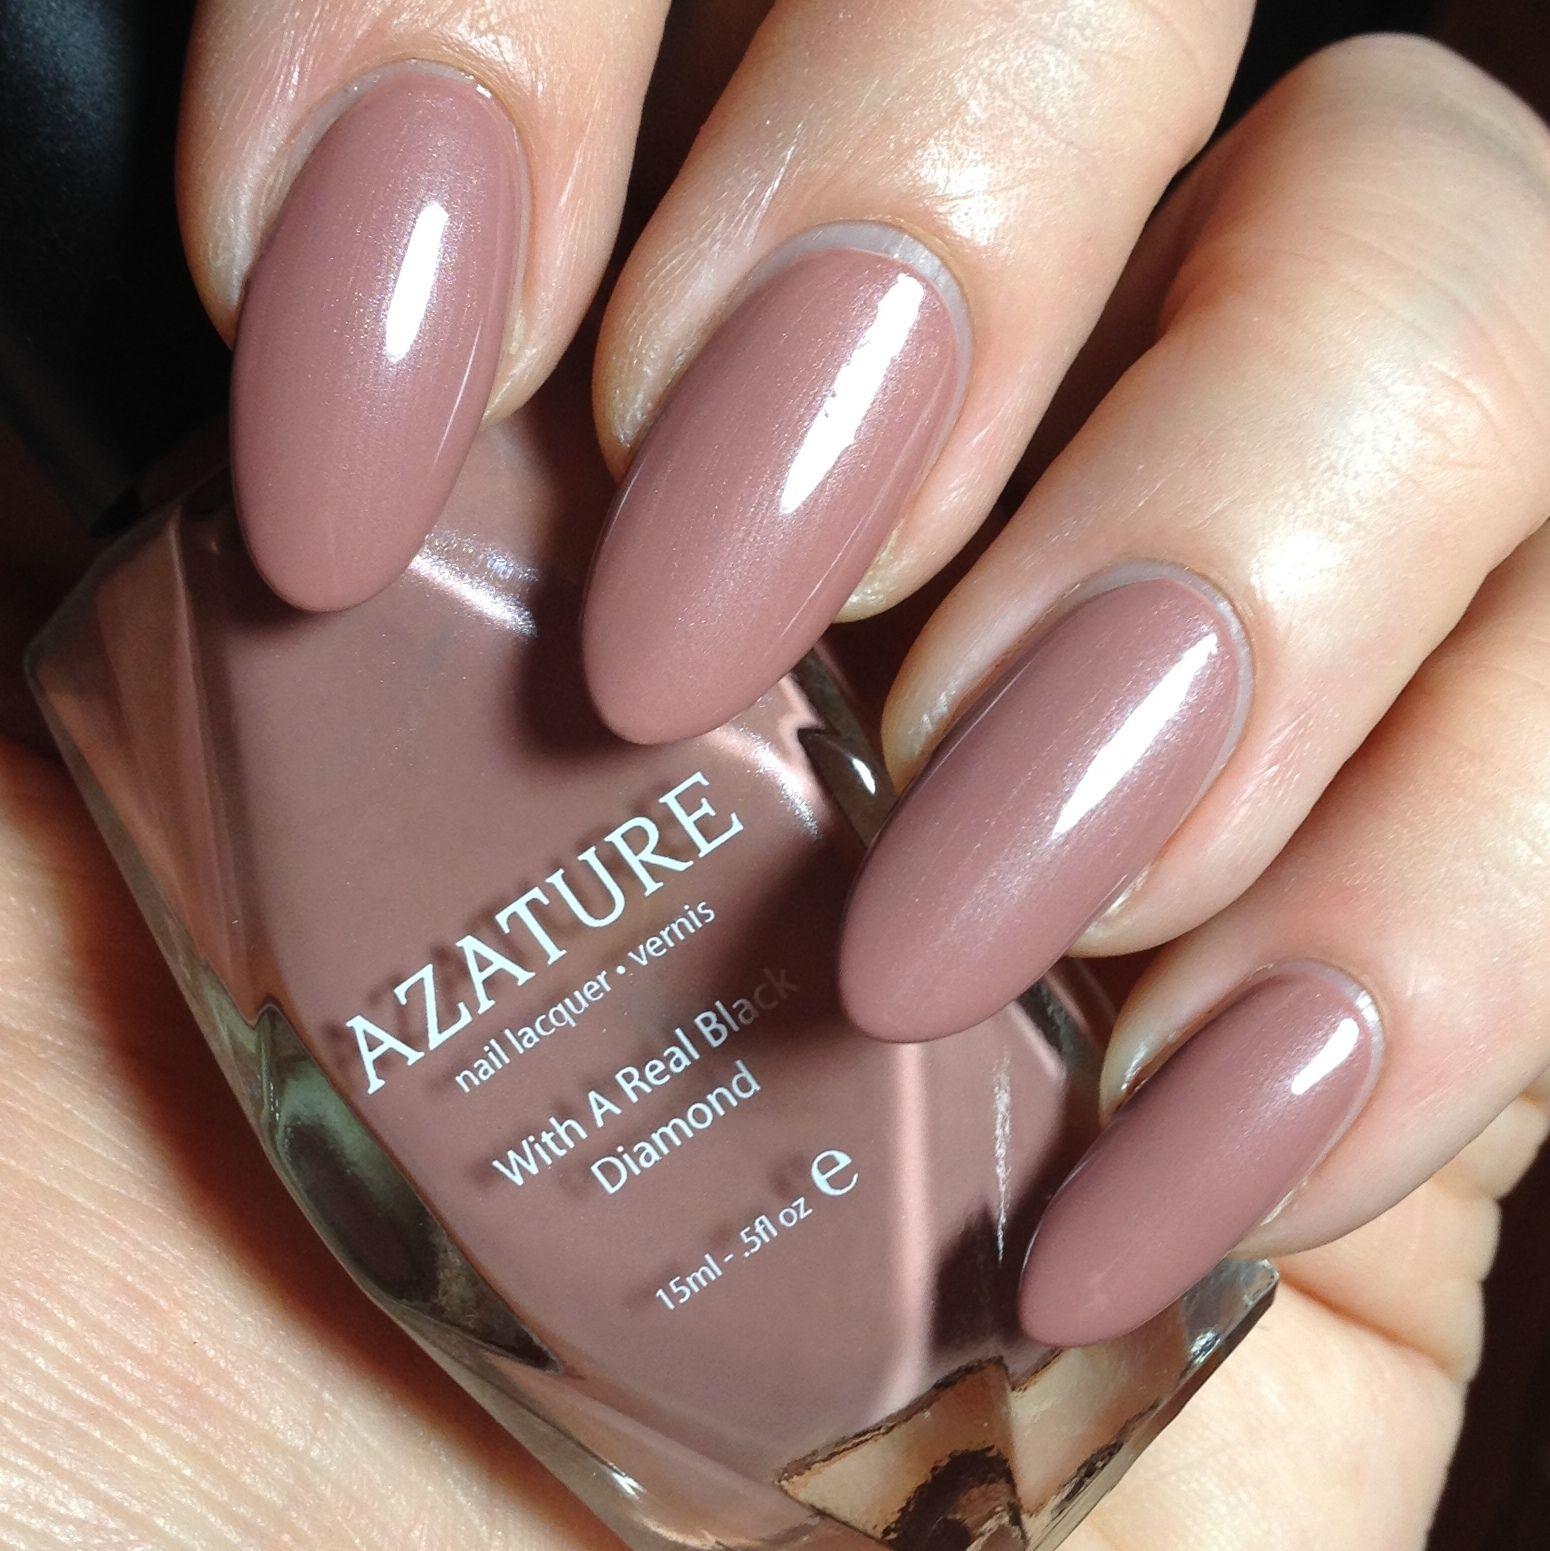 Azature black diamond nail polish in Latte Diamond. The entire 40 ...